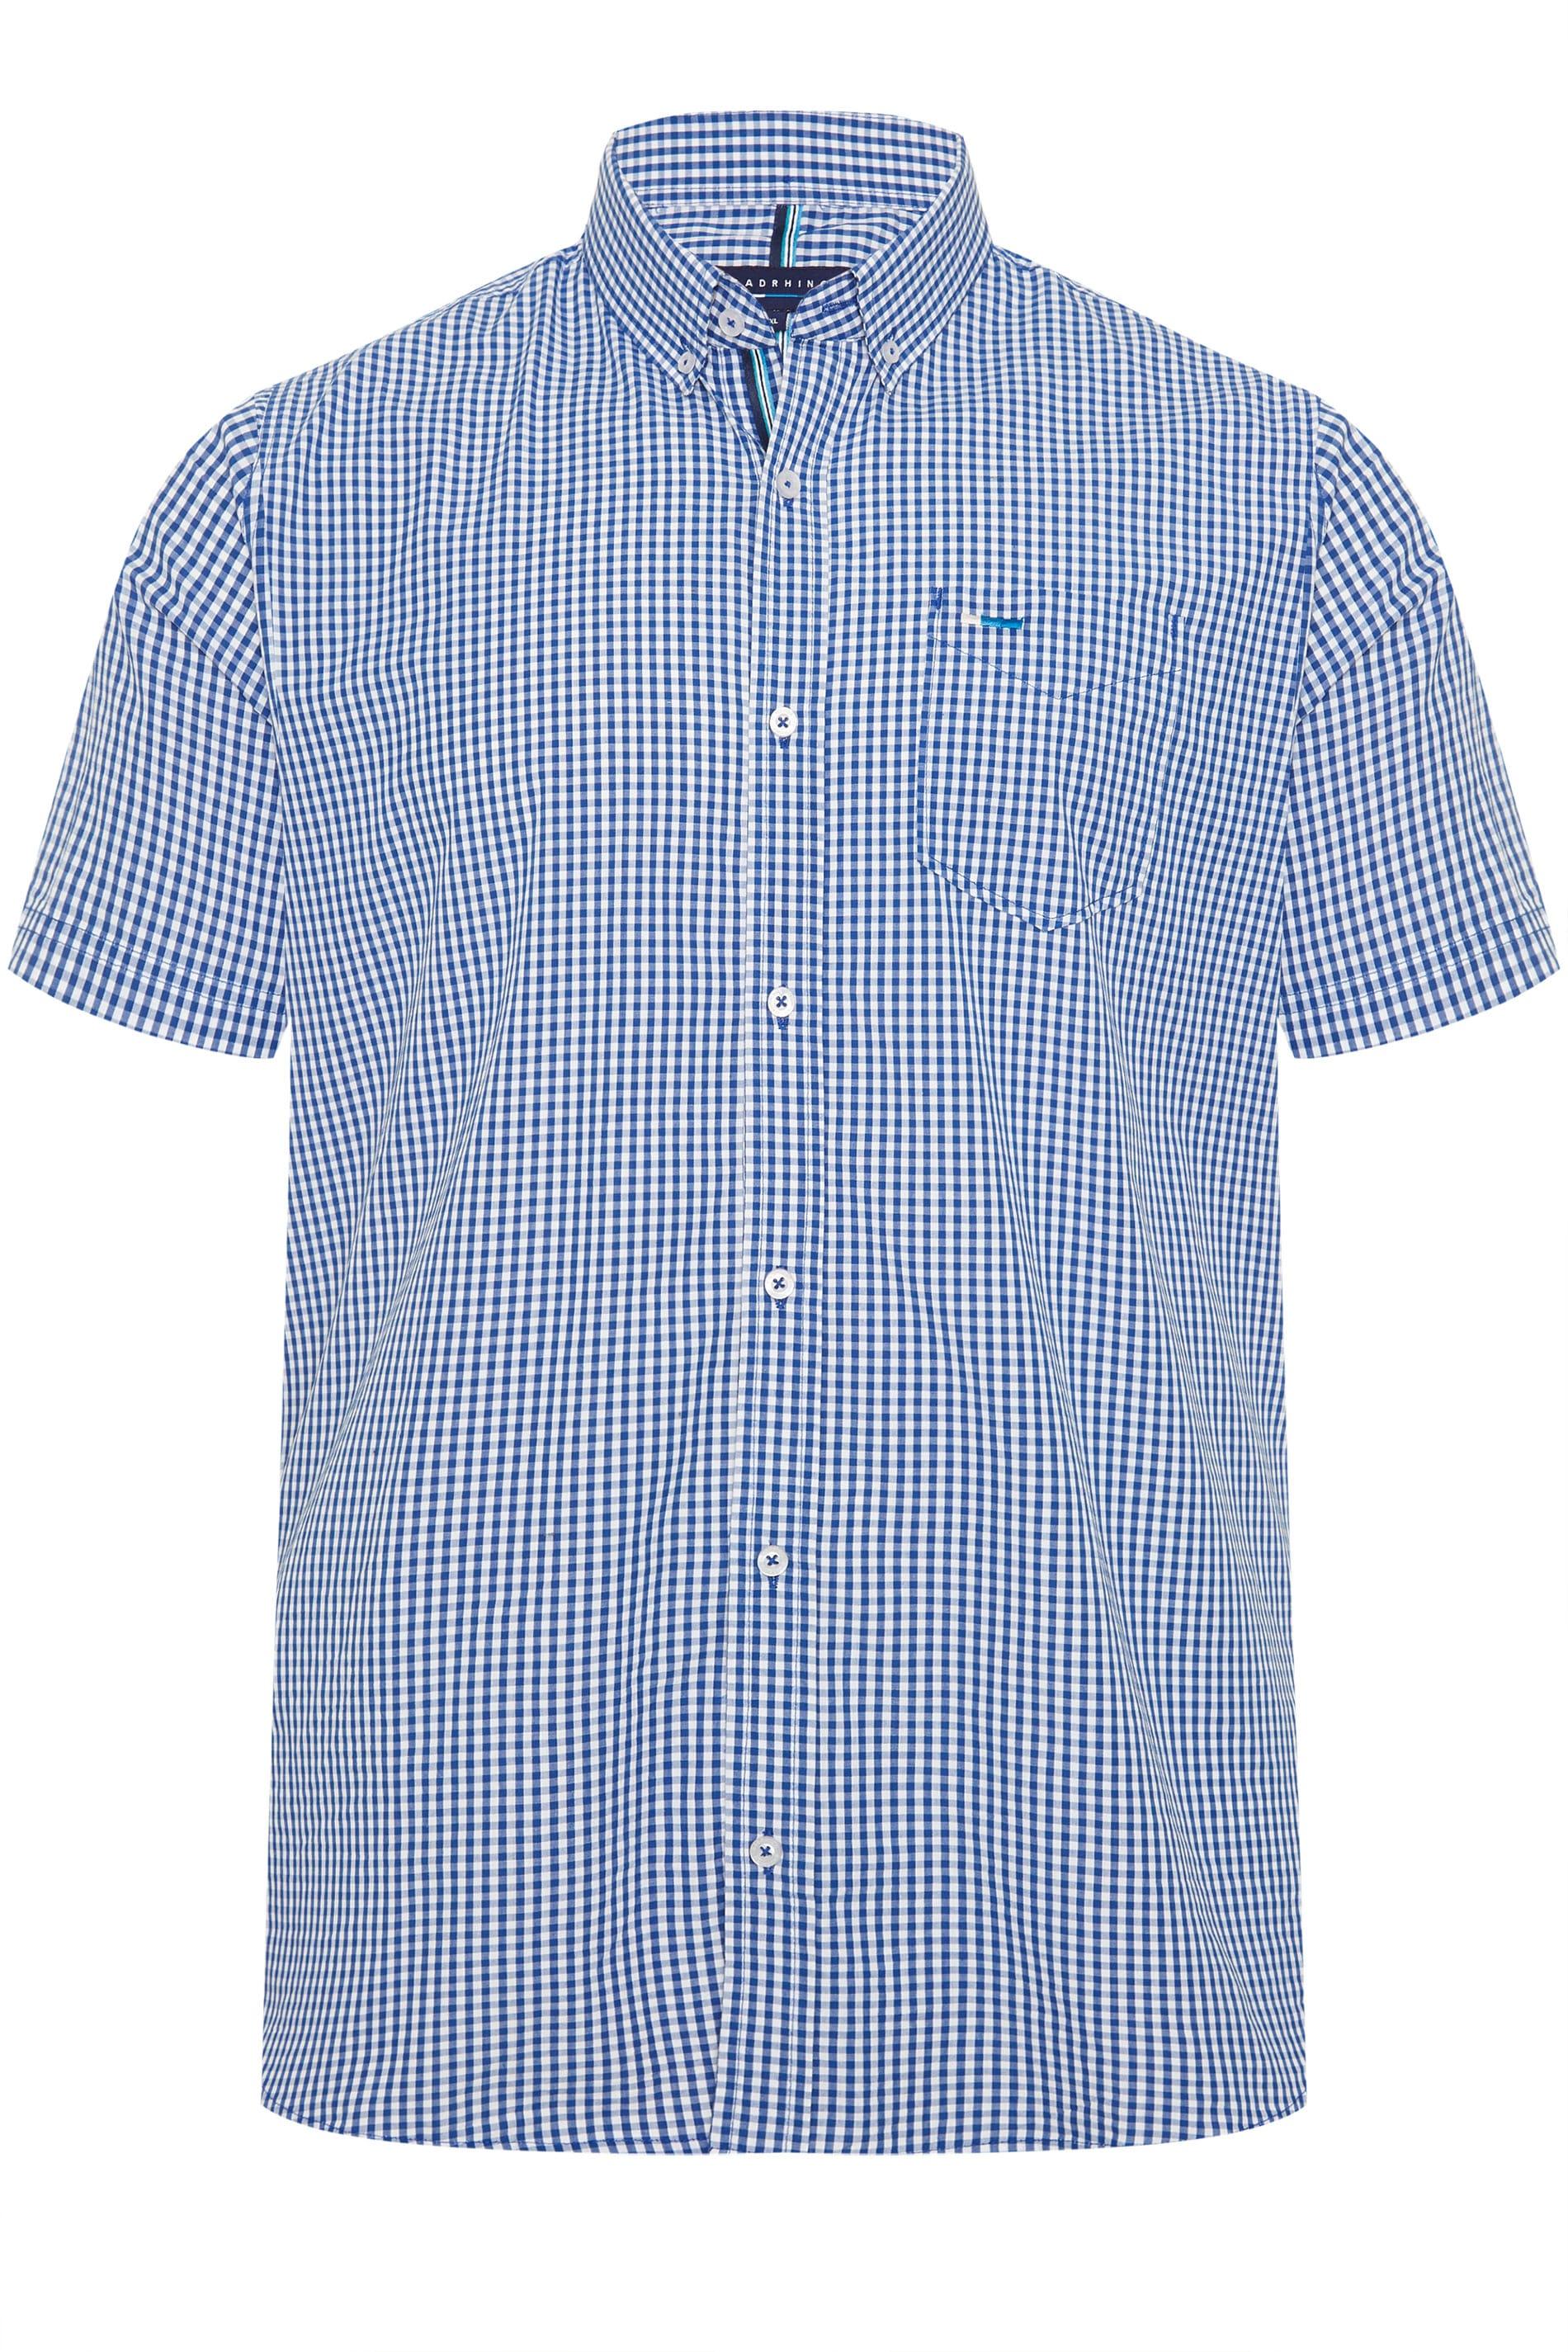 BadRhino Blue Gingham Check Shirt